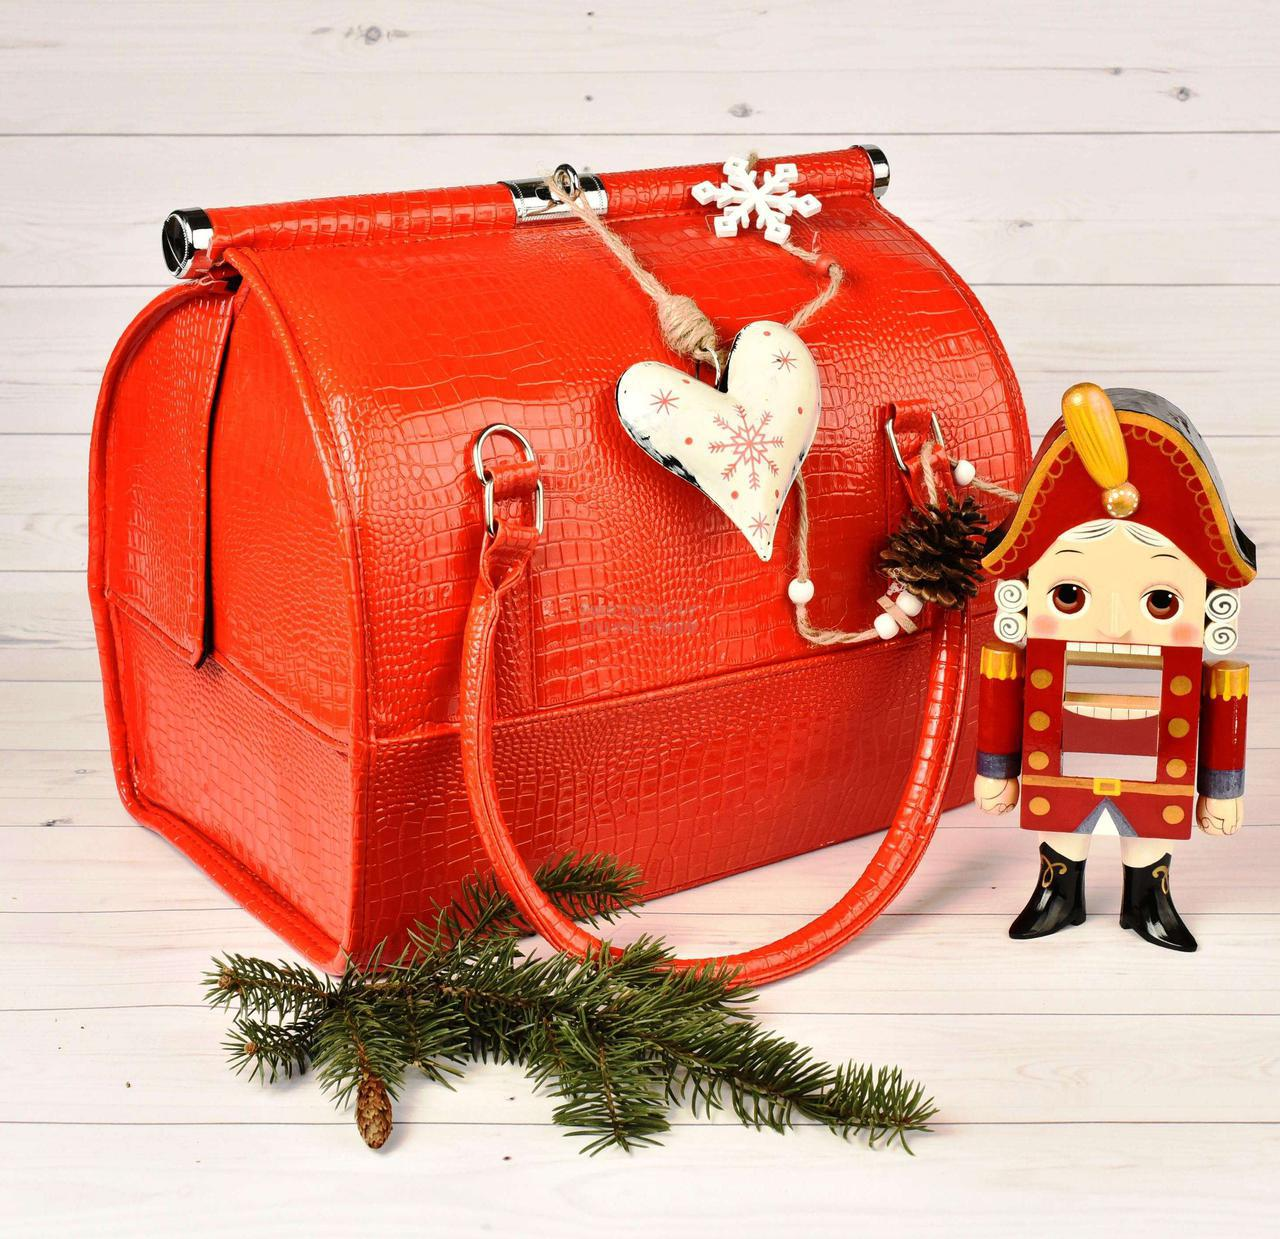 Бьюти Кейс для хранения косметики Сумка чемодан для мастера красная саквояж органайзер har/-051 dm